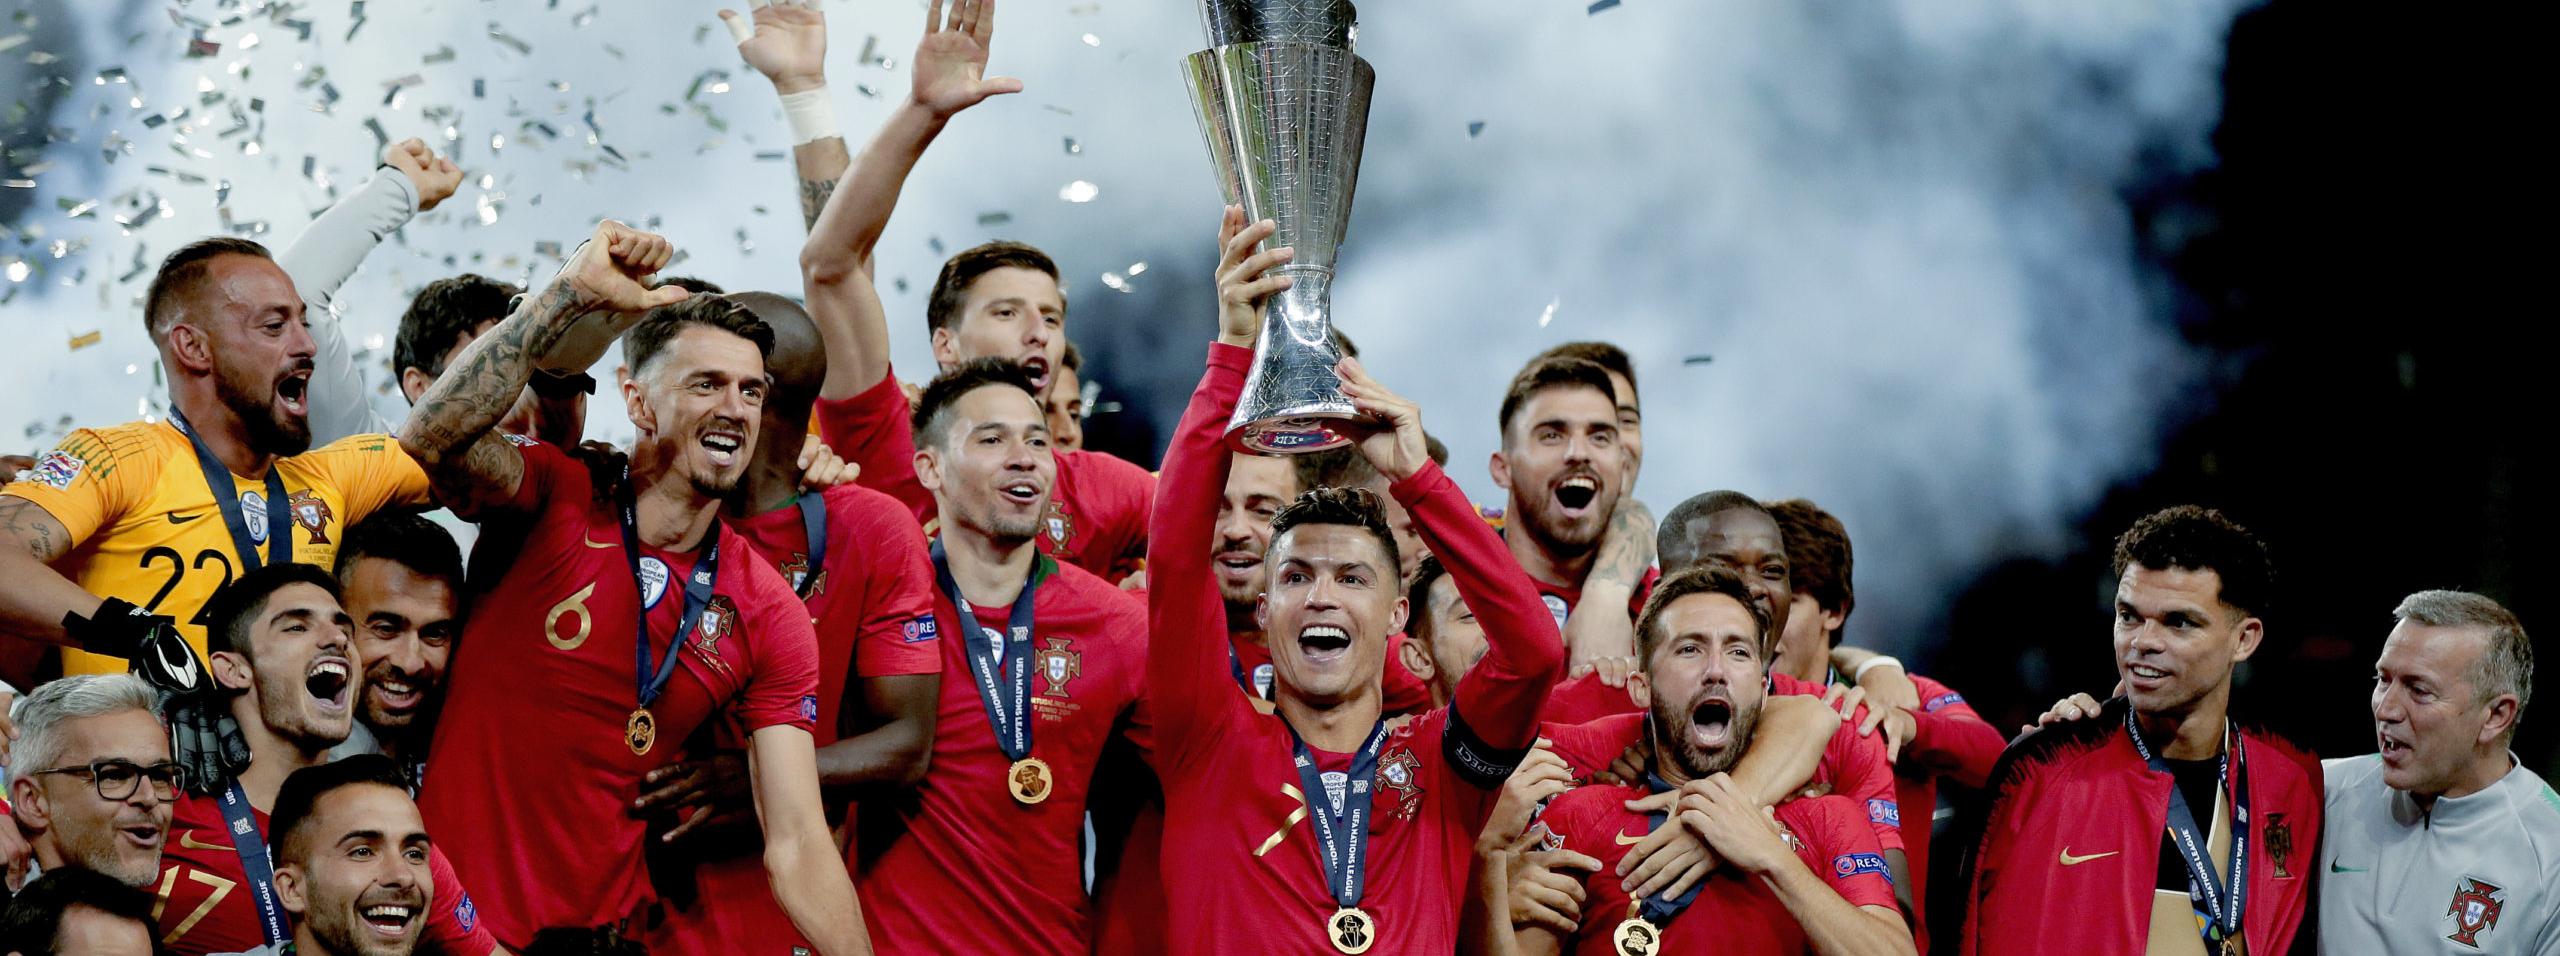 UEFA Nations League: le novità di questa edizione e le chance dell'Italia di arrivare in fondo